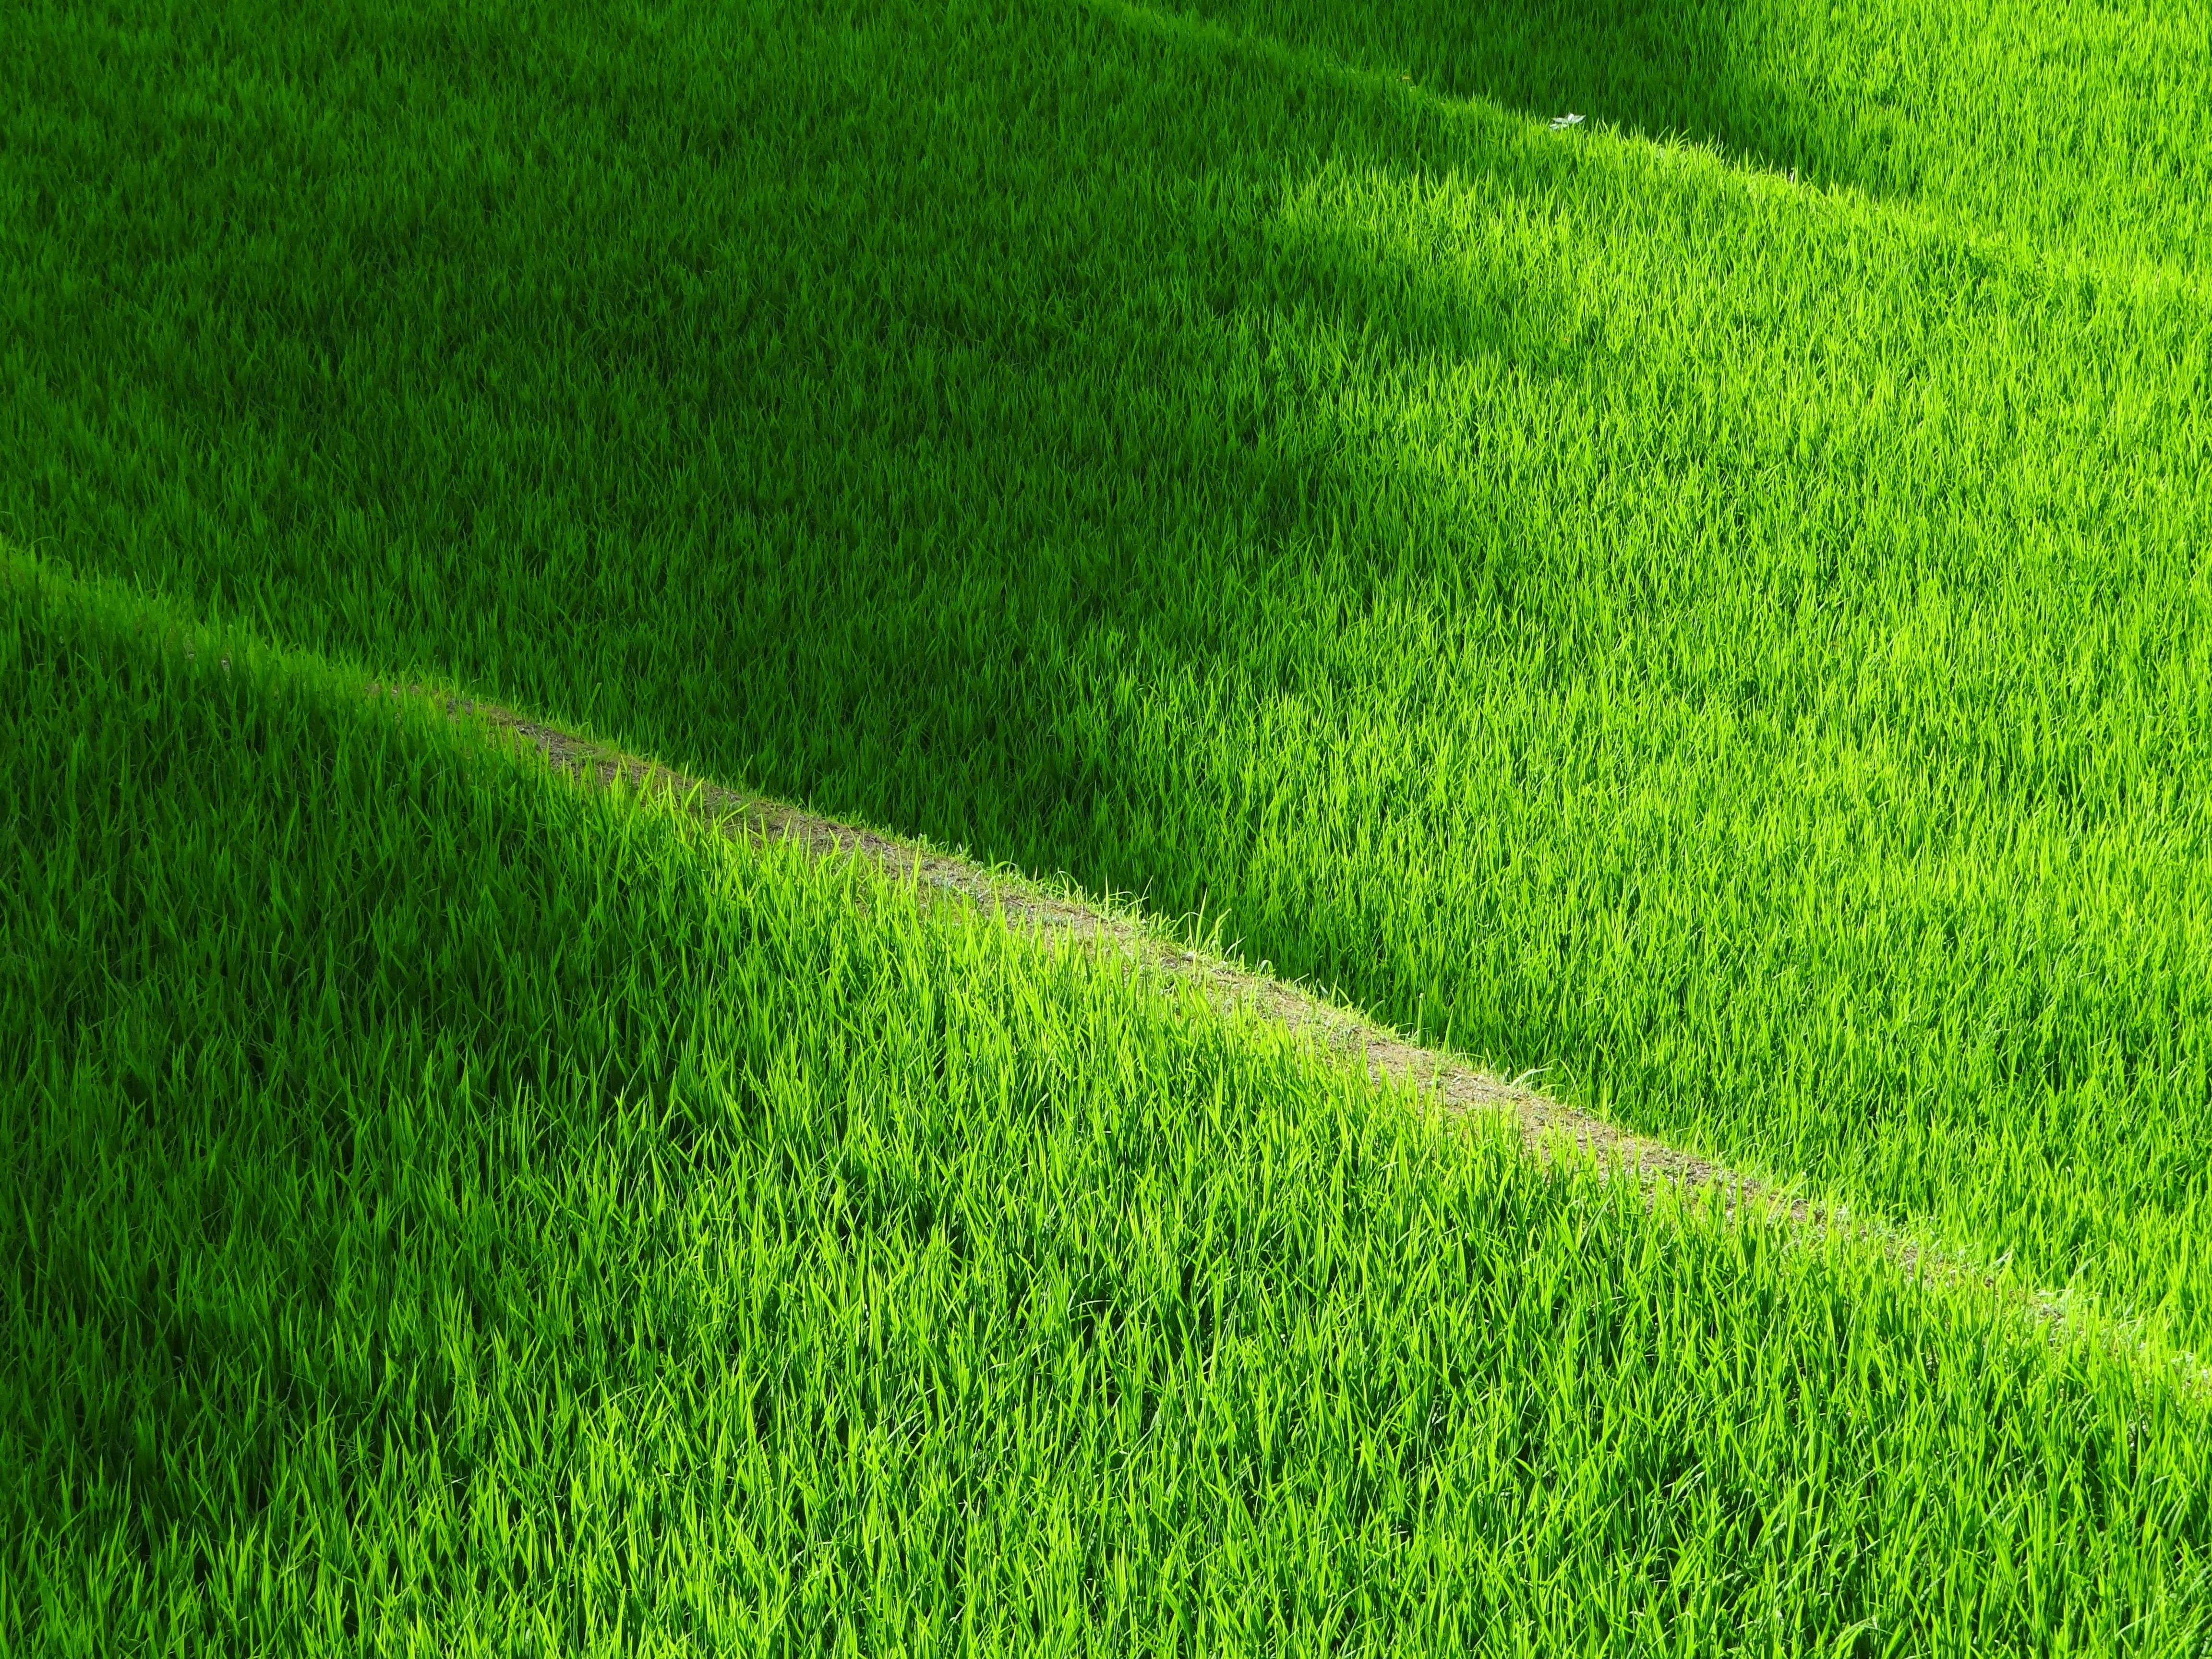 ファーム, フィールド, 小径, 緑の無料の写真素材